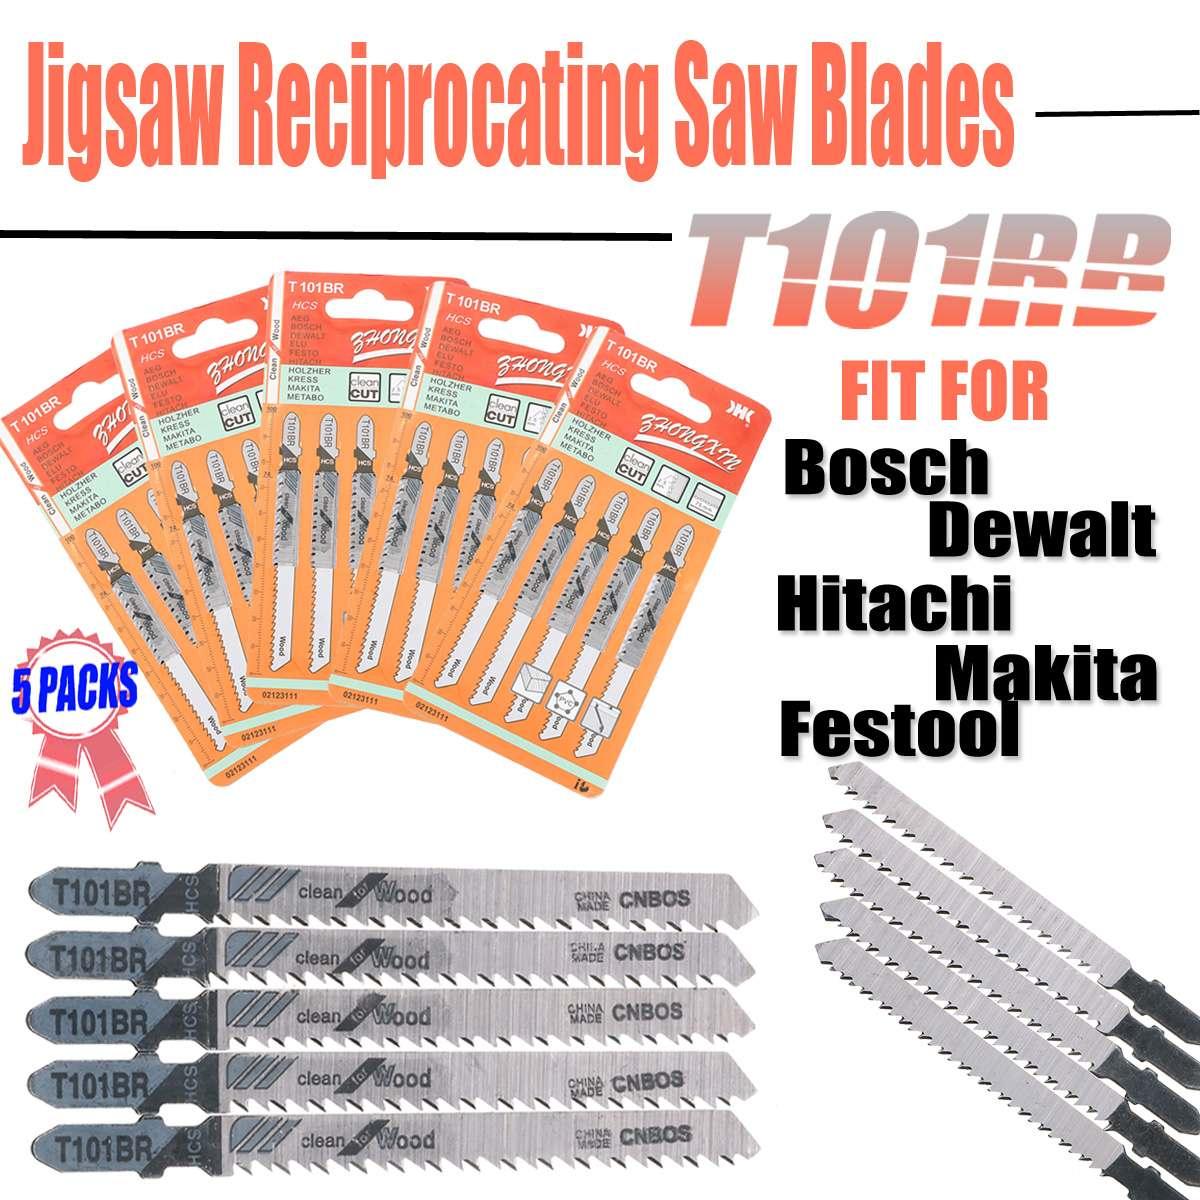 25PCS T101BR Jigsaw Reciprocating Saw Blades High Carbon Steel Jig Saw For DEWALT High Quality